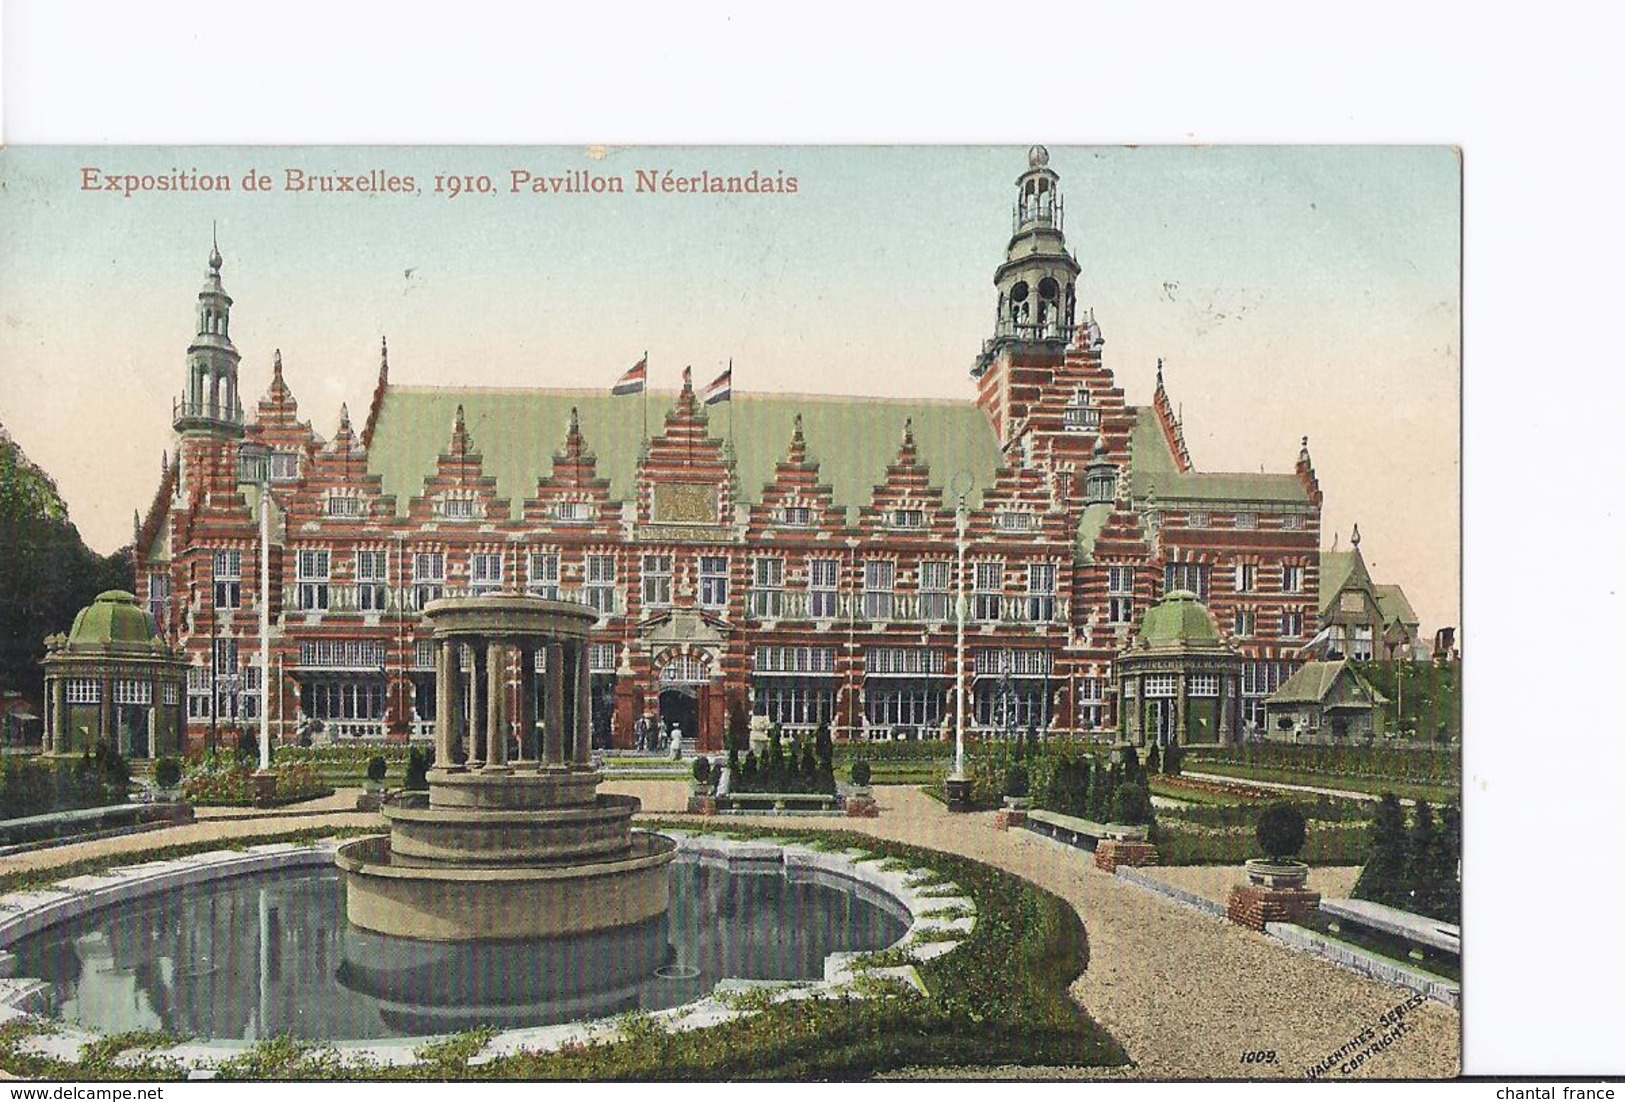 4 Cpa Exposition Bruxelles 1910. Pavillon Neerlandais (Hollandais). Même Thême, Vues Différentes - Exhibitions